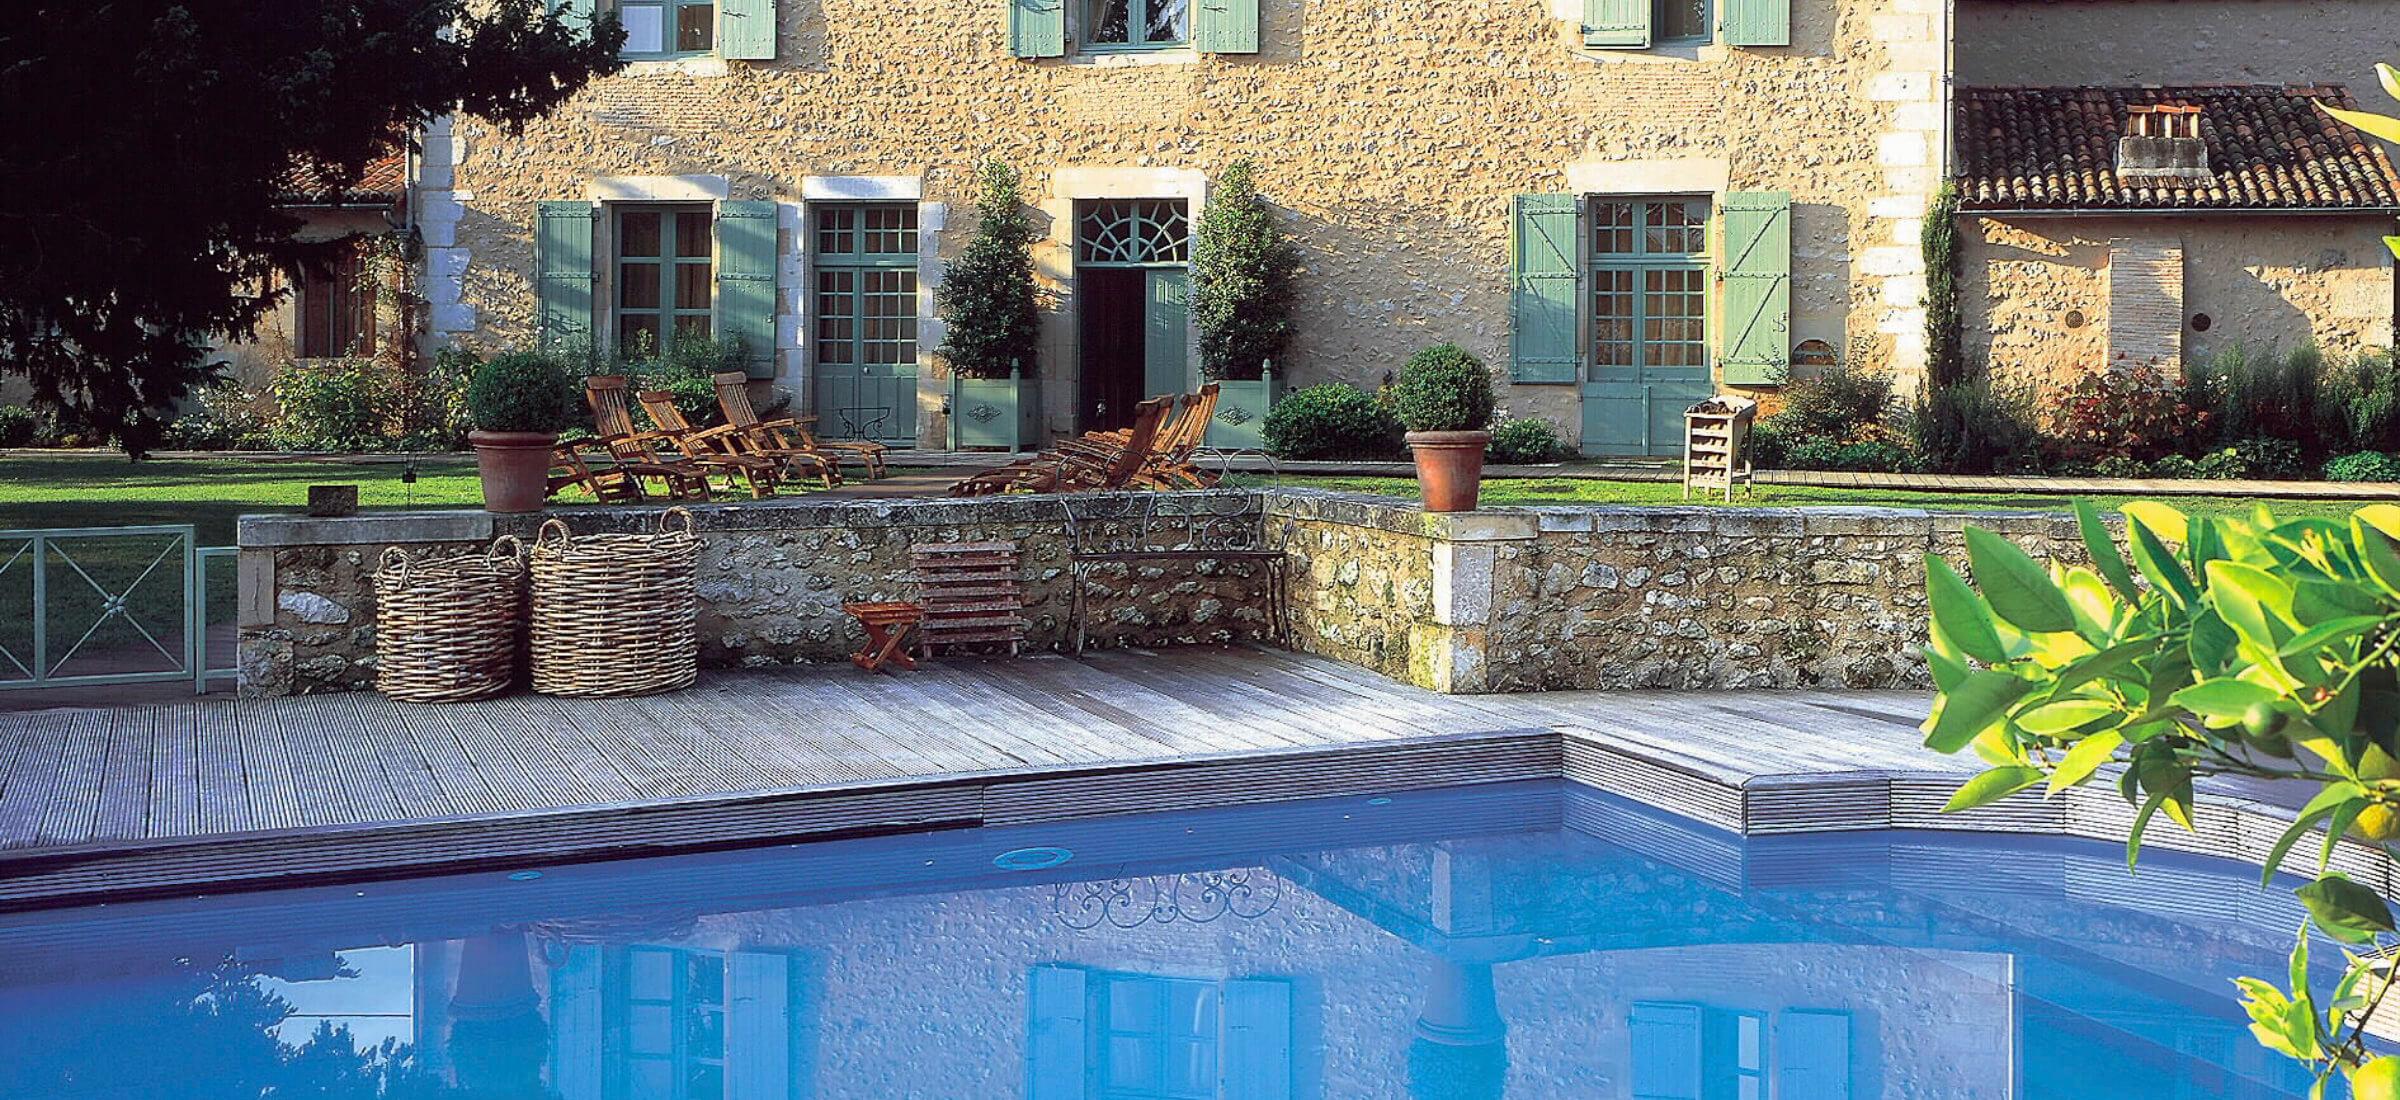 L'Hôtel restaurant les Orangeries à Lussac-les-Châteaux est équipé d'une piscine de trente-cinq mètres de long.